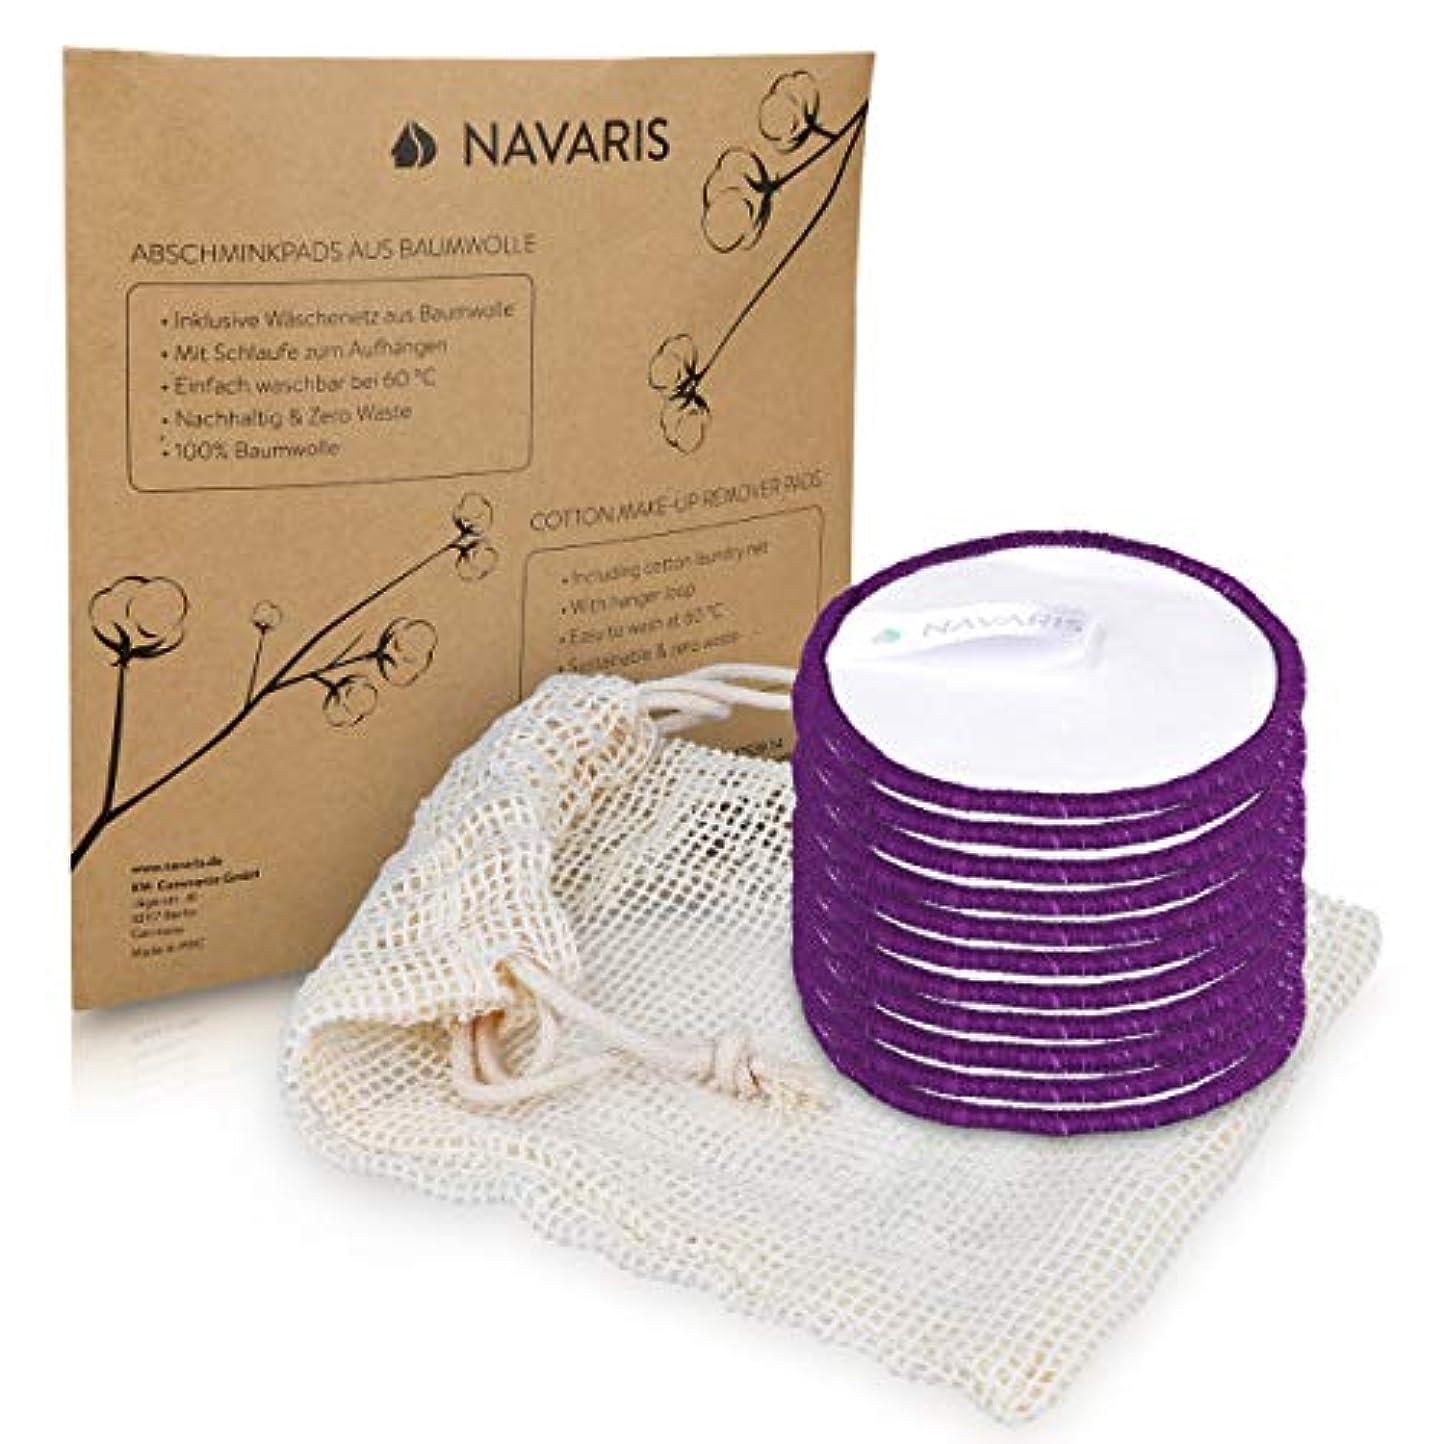 植生のぞき見下手Navaris メイク落とし パッド 14枚セット 再利用可 - コットン パッド 化粧落とし 拭き取り化粧水 肌に優しい - フェイシャルシート 洗濯ネット付き